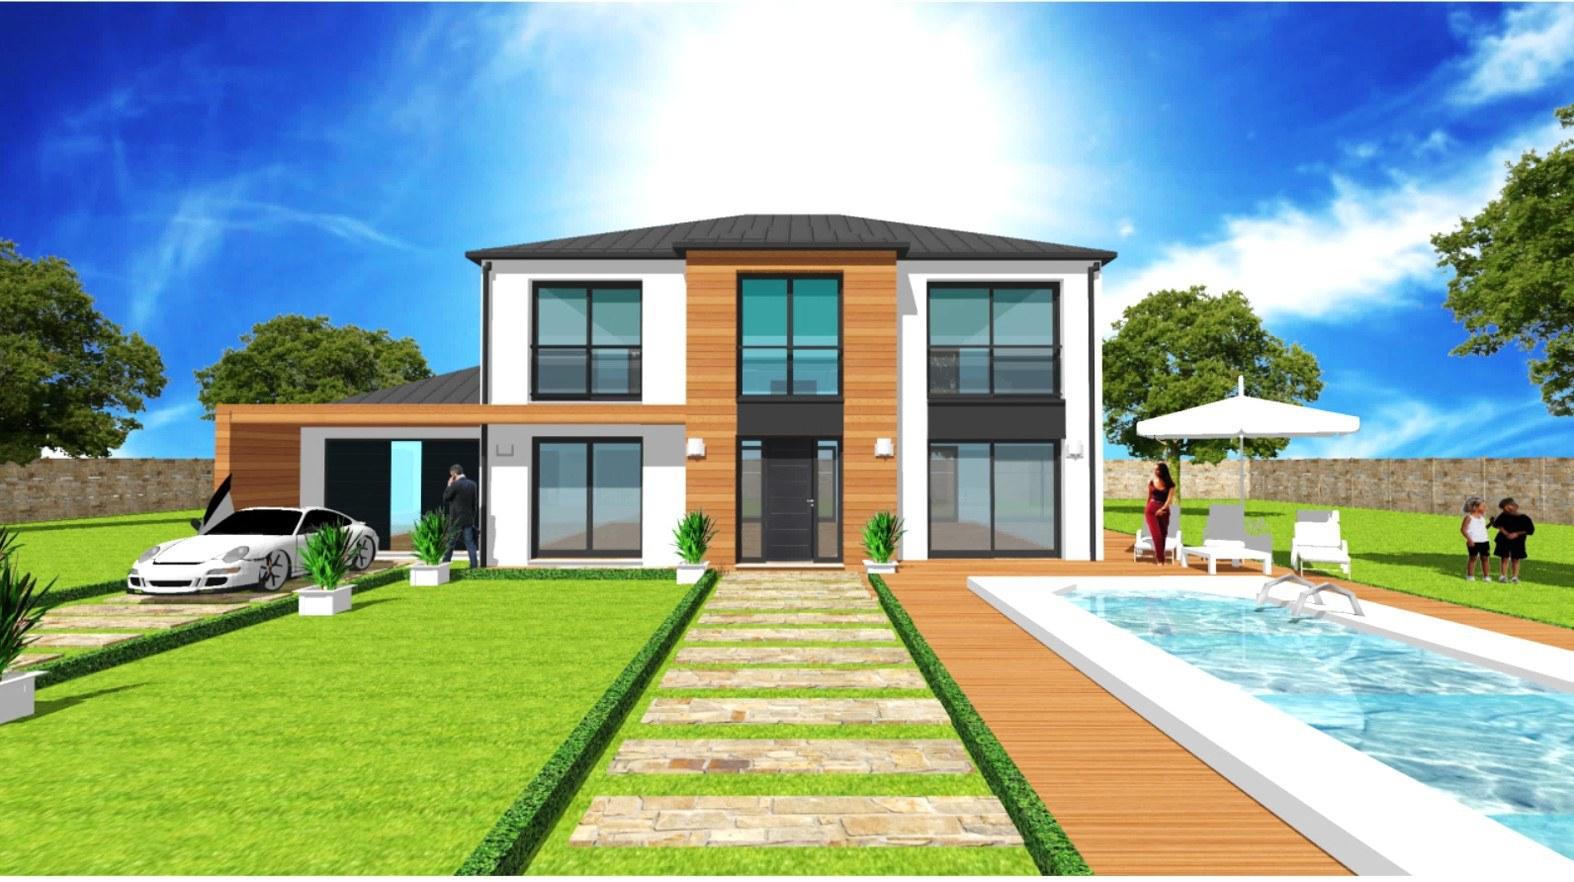 Maisons + Terrains du constructeur REABELLE • 100 m² • JOUARS PONTCHARTRAIN